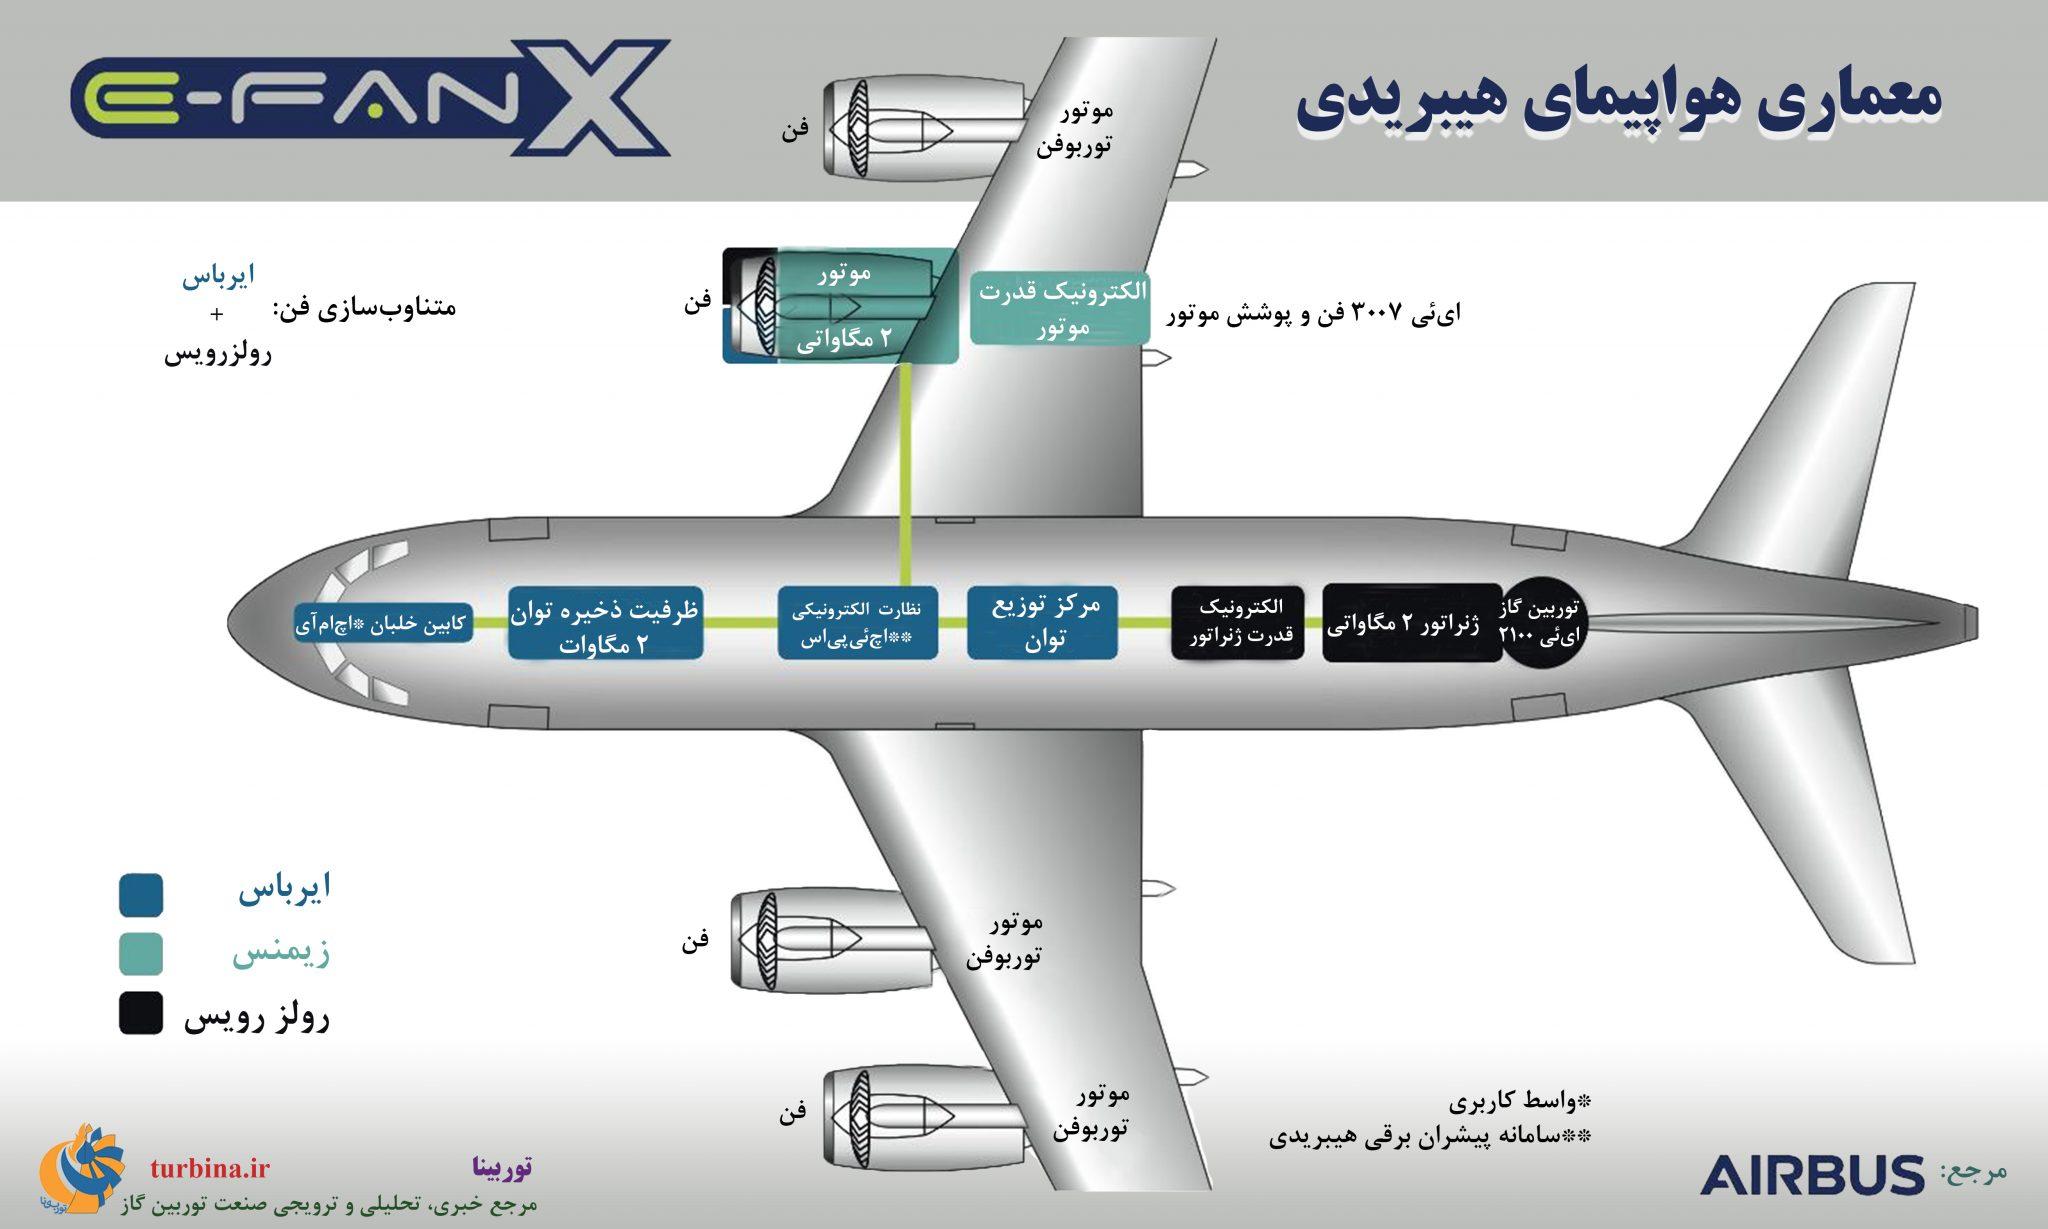 معماری هواپیمای هیبریدی